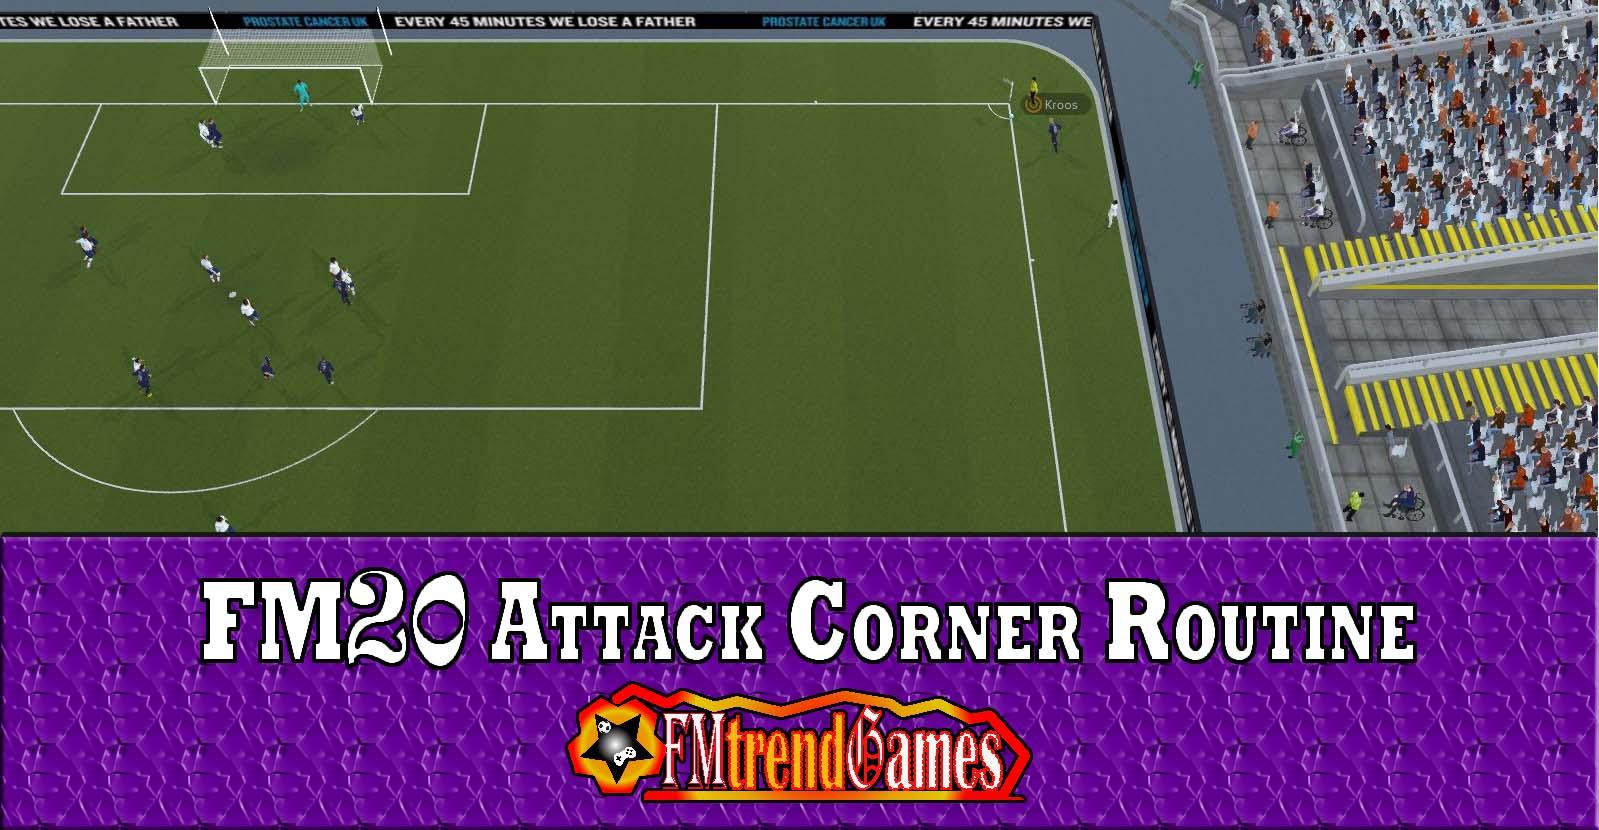 www.fmtrendgames.com